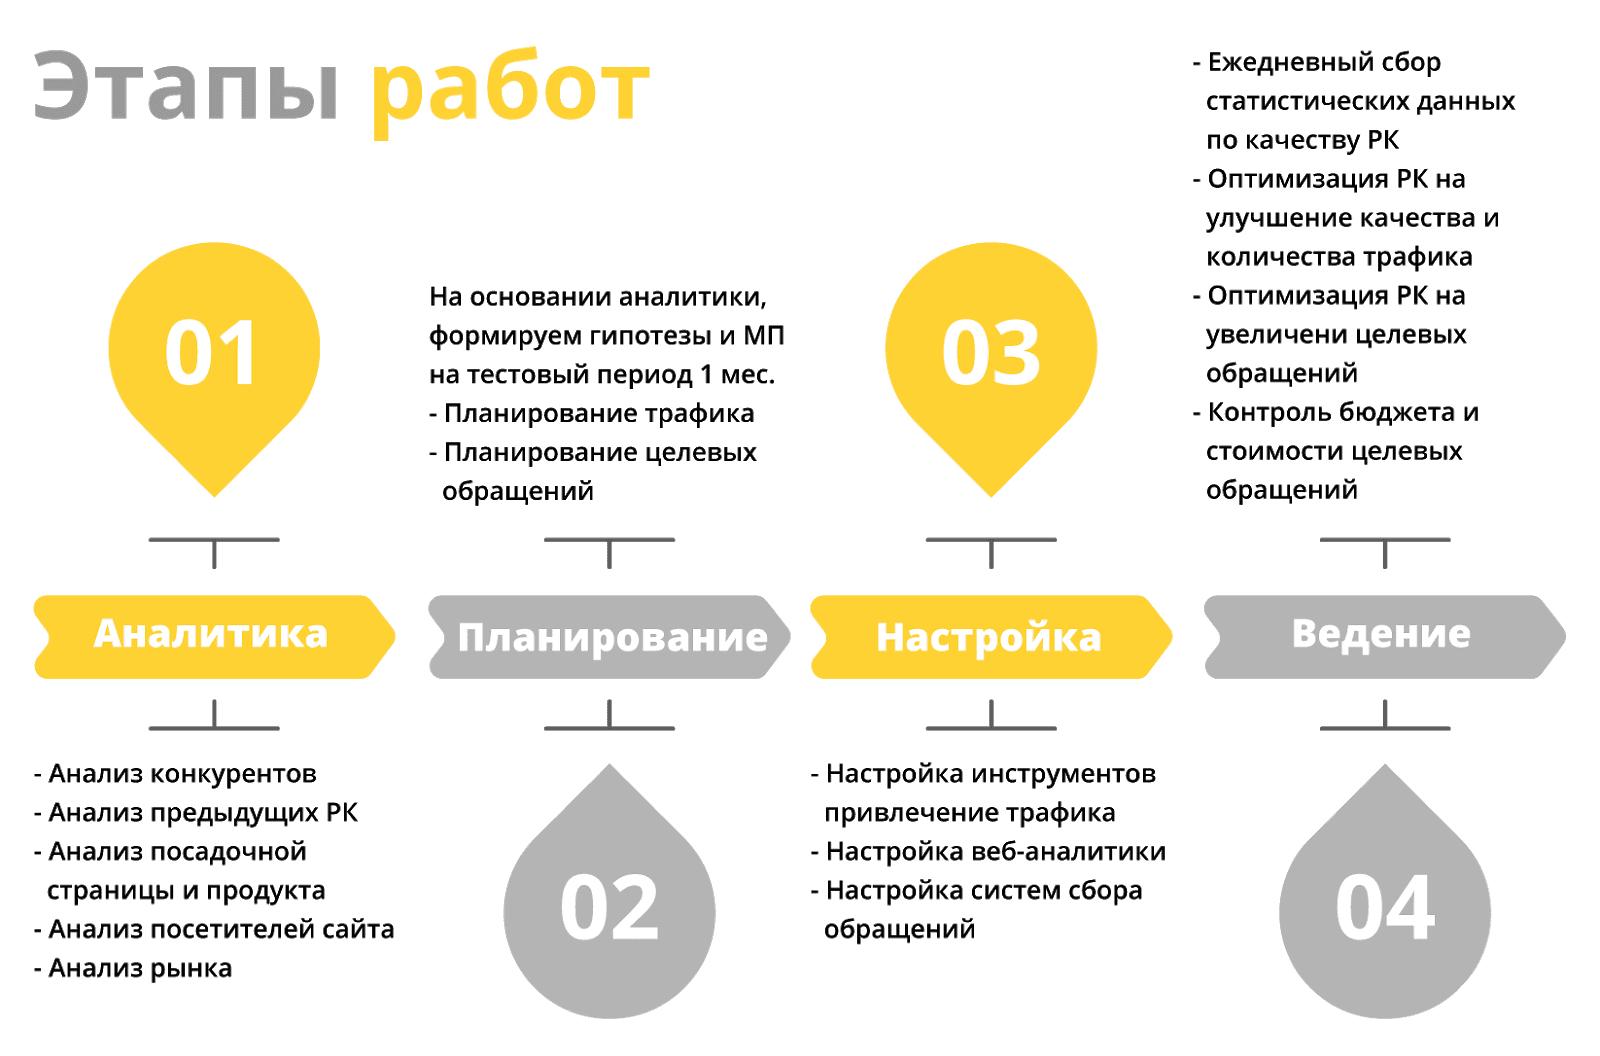 План продвижения сайта застройщика